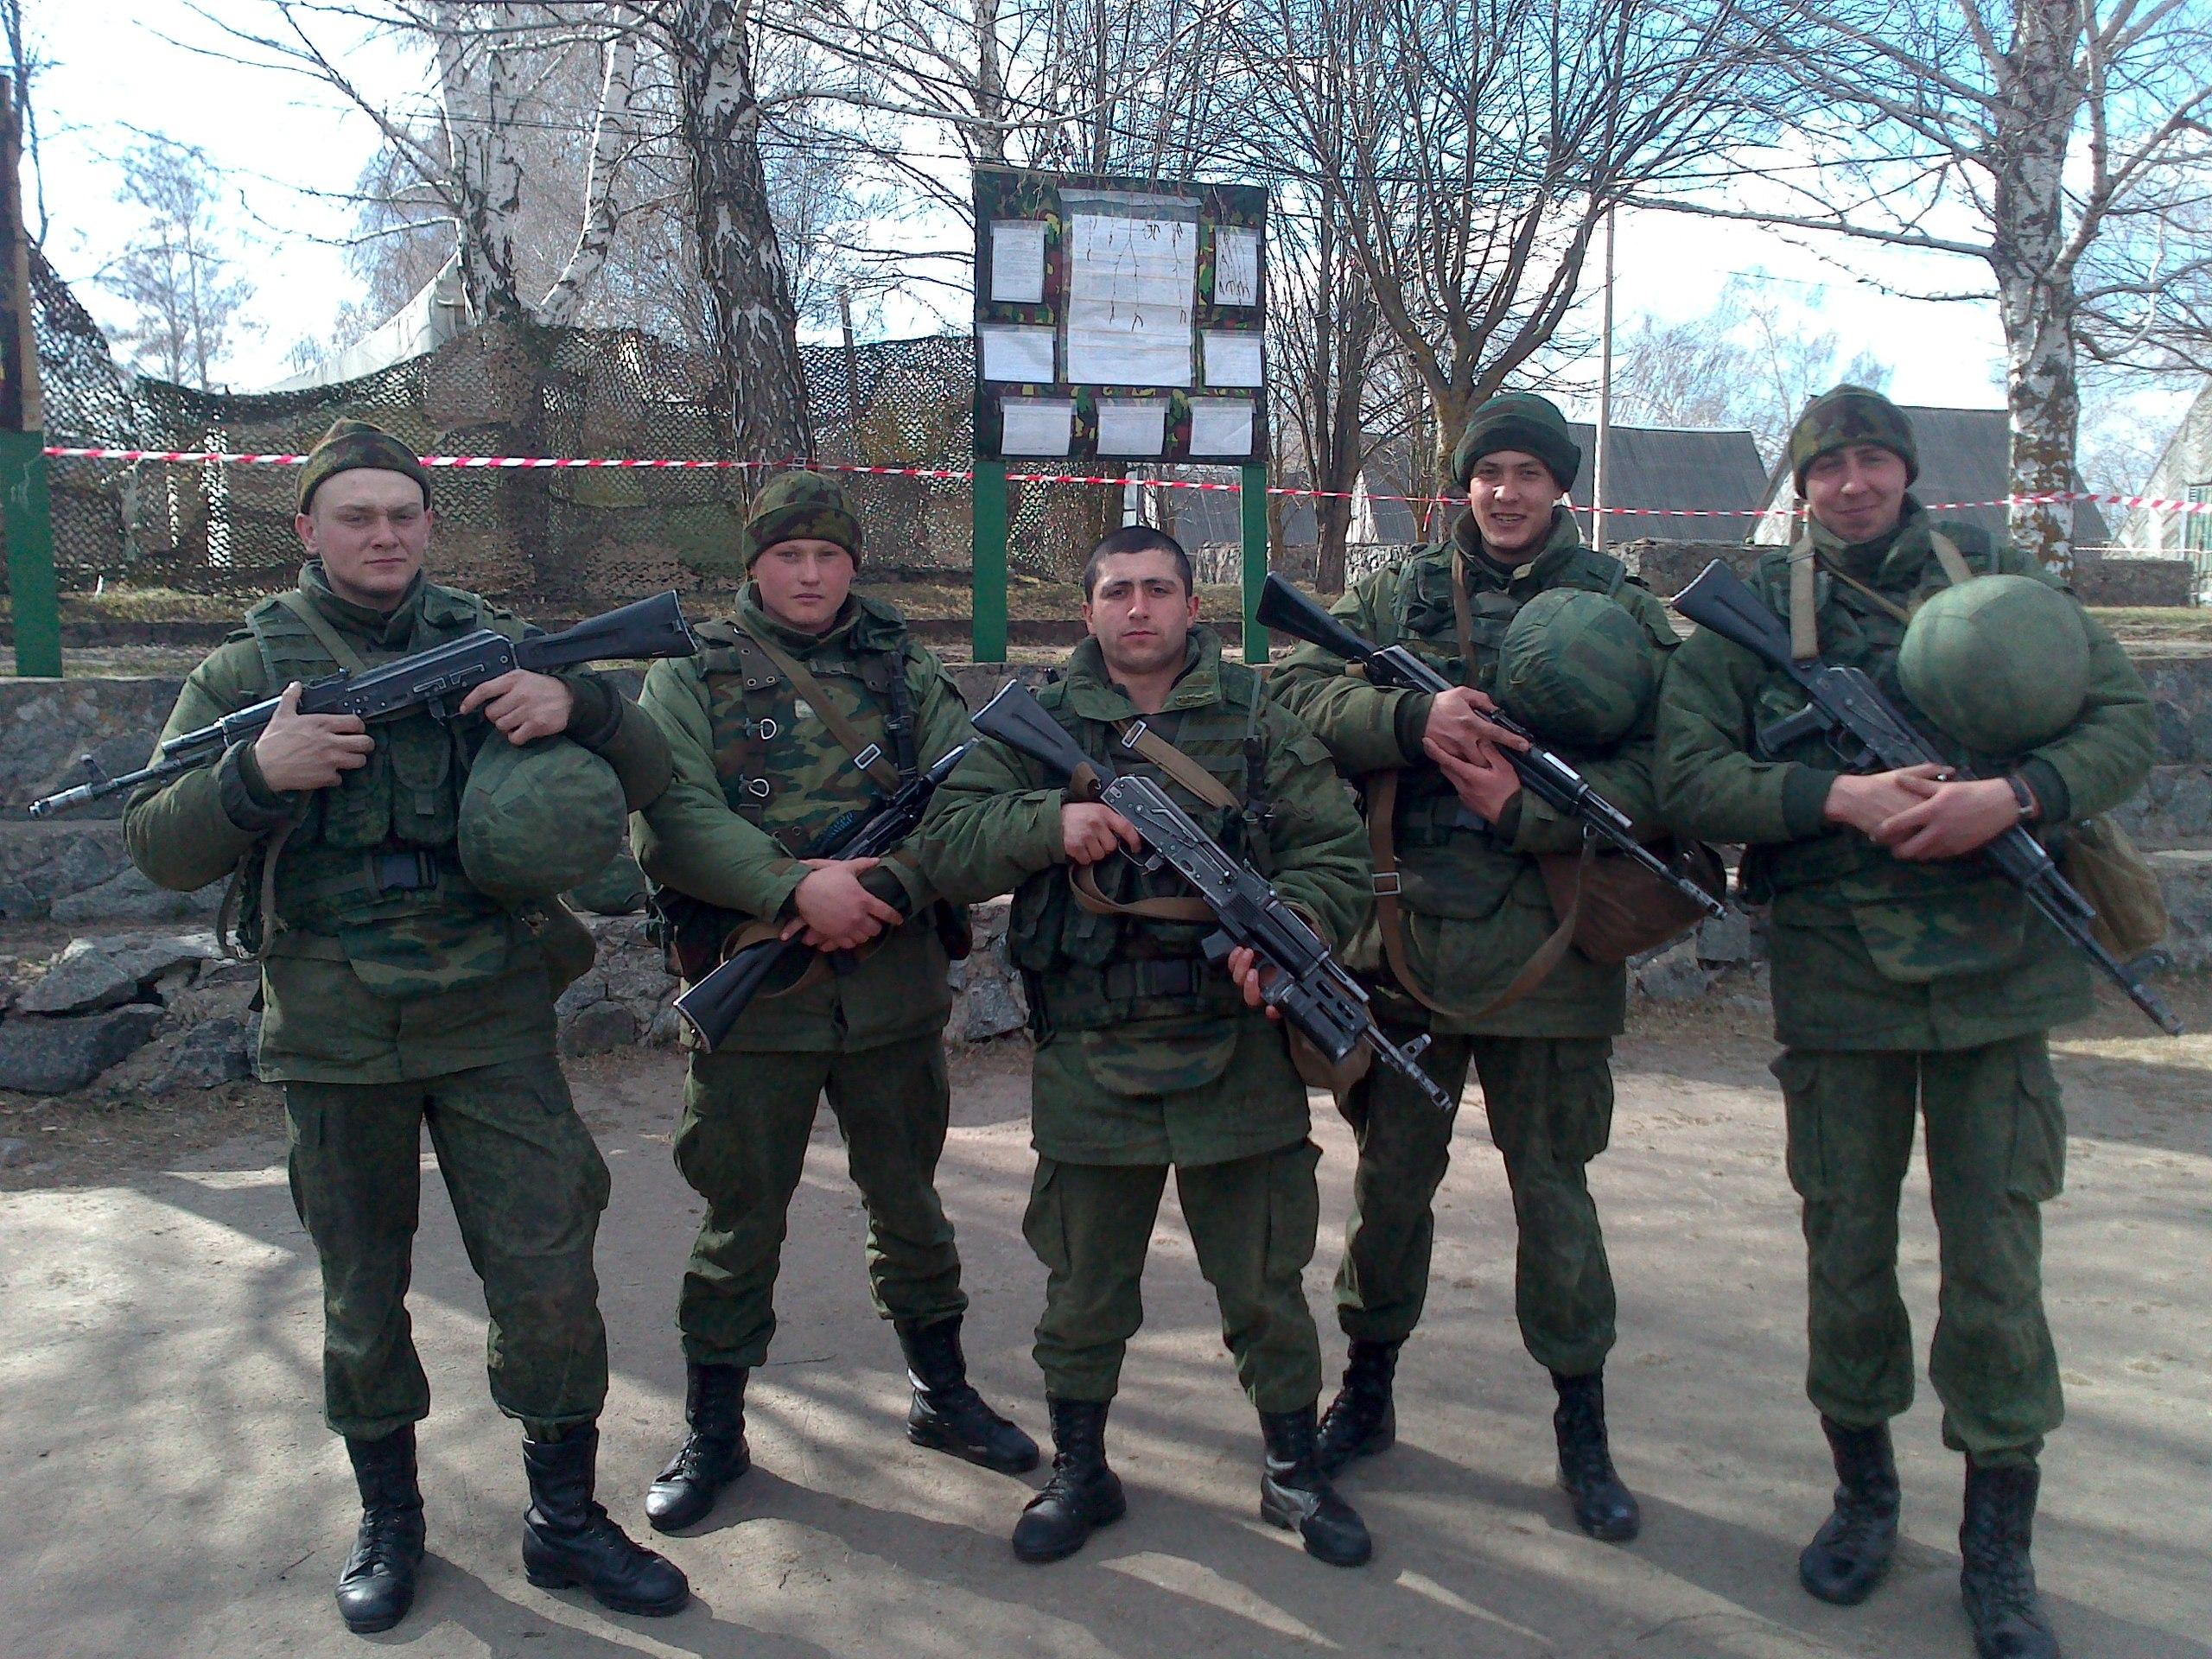 Совбез ООН провел закрытые консультации по ситуации на Донбассе - Цензор.НЕТ 2673